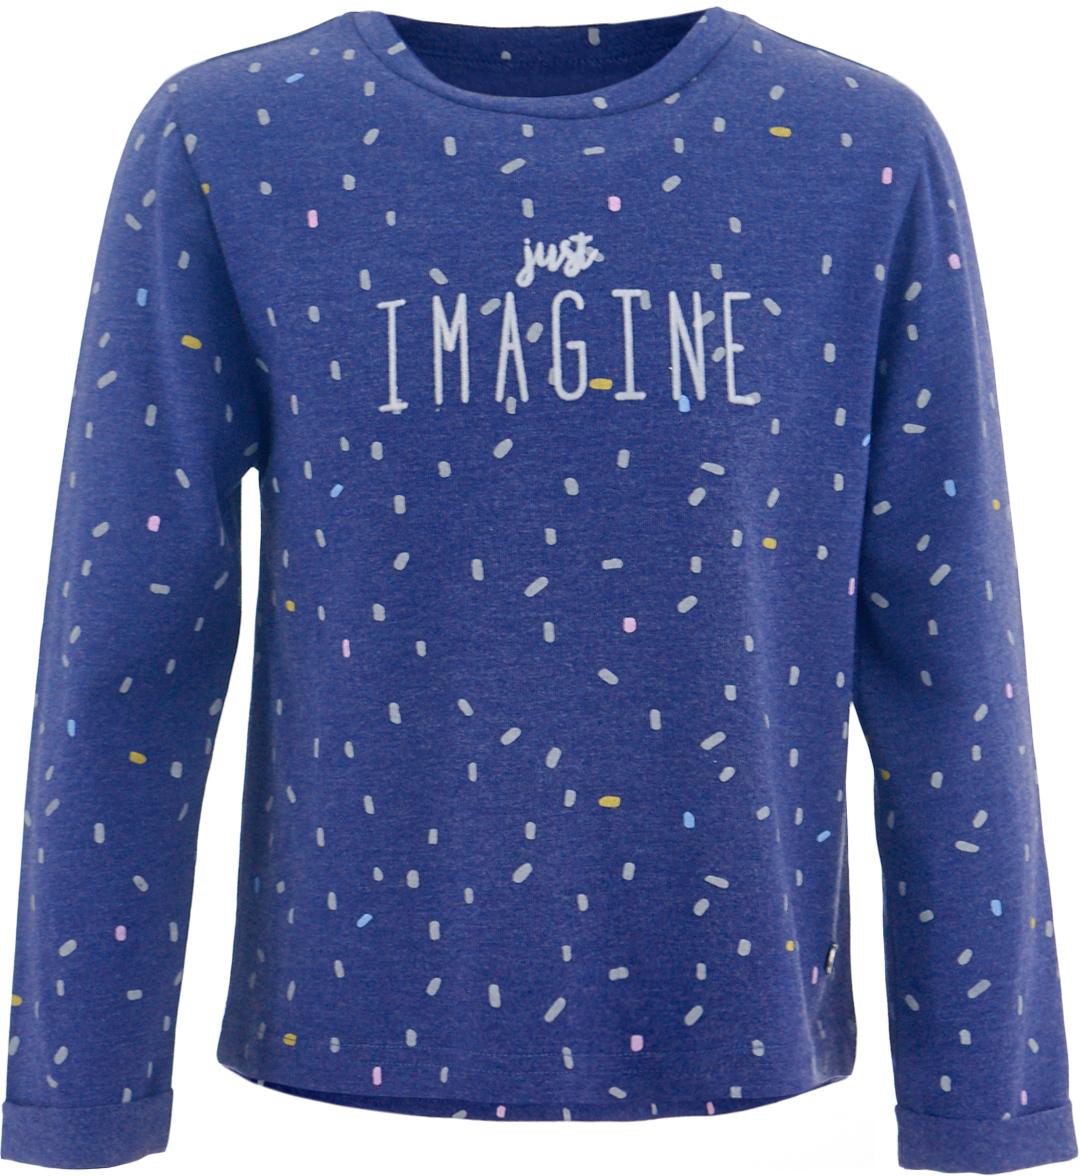 Футболка с длинным рукавом для девочки Button Blue, цвет: темно-синий. 217BBGC12041013. Размер 146, 11 лет217BBGC12041013Детская футболка с длинным рукавом - основная составляющая осенне-зимнего гардероба. Свободная футболка с рисунком выглядит ярко, свежо и привлекательно. Дети быстро растут и часто меняют свои вкусовые предпочтения, поэтому всем практичным родителям надо приобретать детские футболки недорого, чтобы обеспечить ребенку должное разнообразие. Если вы хотите купить недорогую детскую футболку отличного качества, модель от Button Blue - прекрасный вариант. Вместе с футболкой вы приобретете комфорт и возможность экспериментировать, создавая модные многослойные решения.